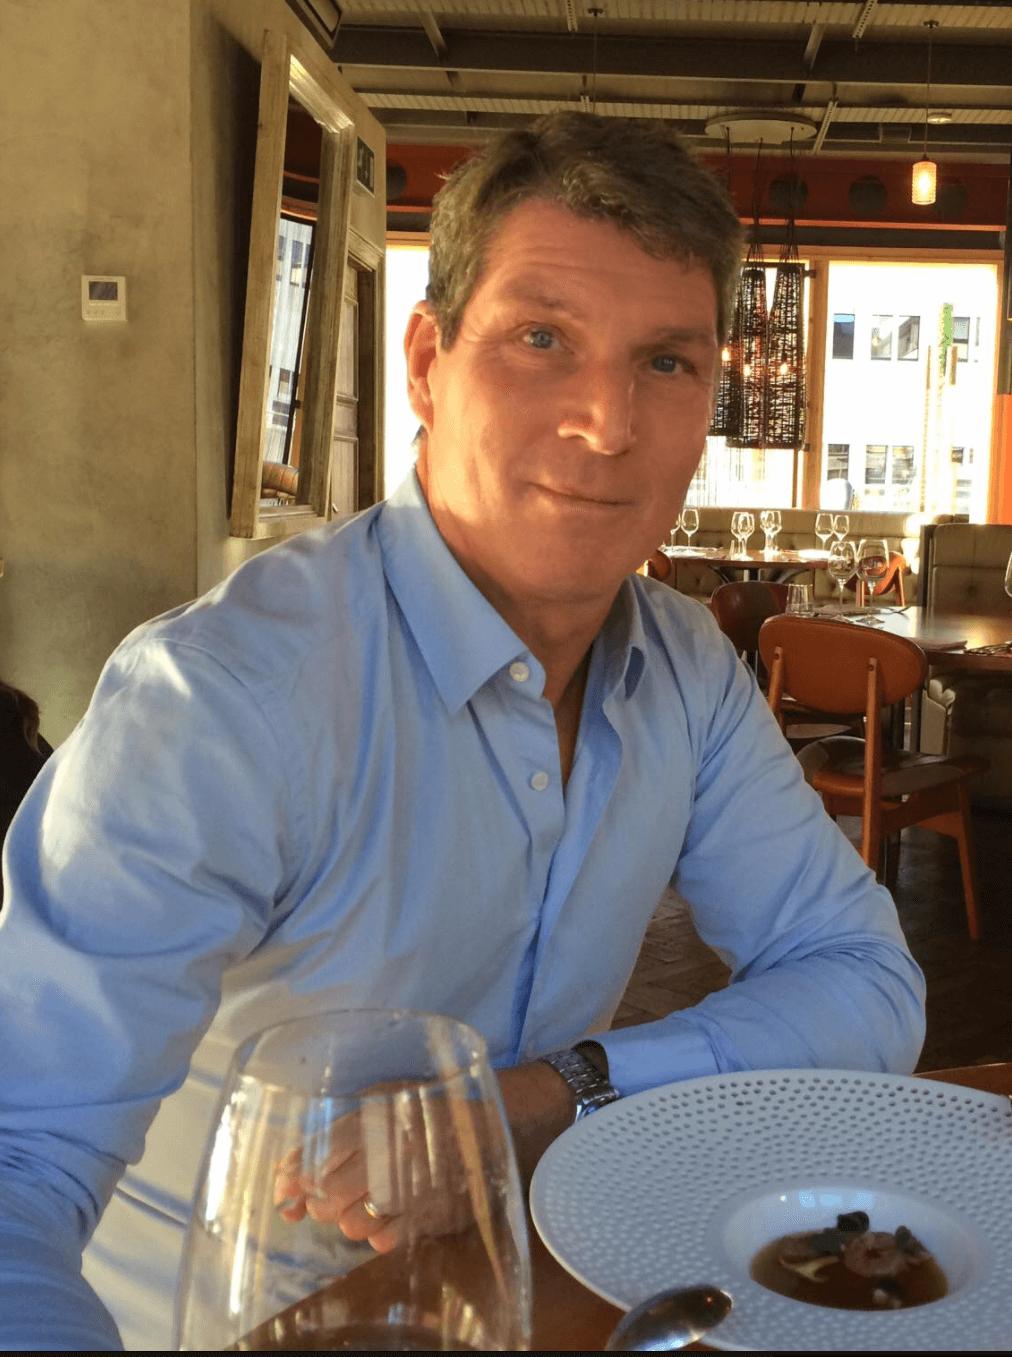 consigliere tastes wine for delitalia